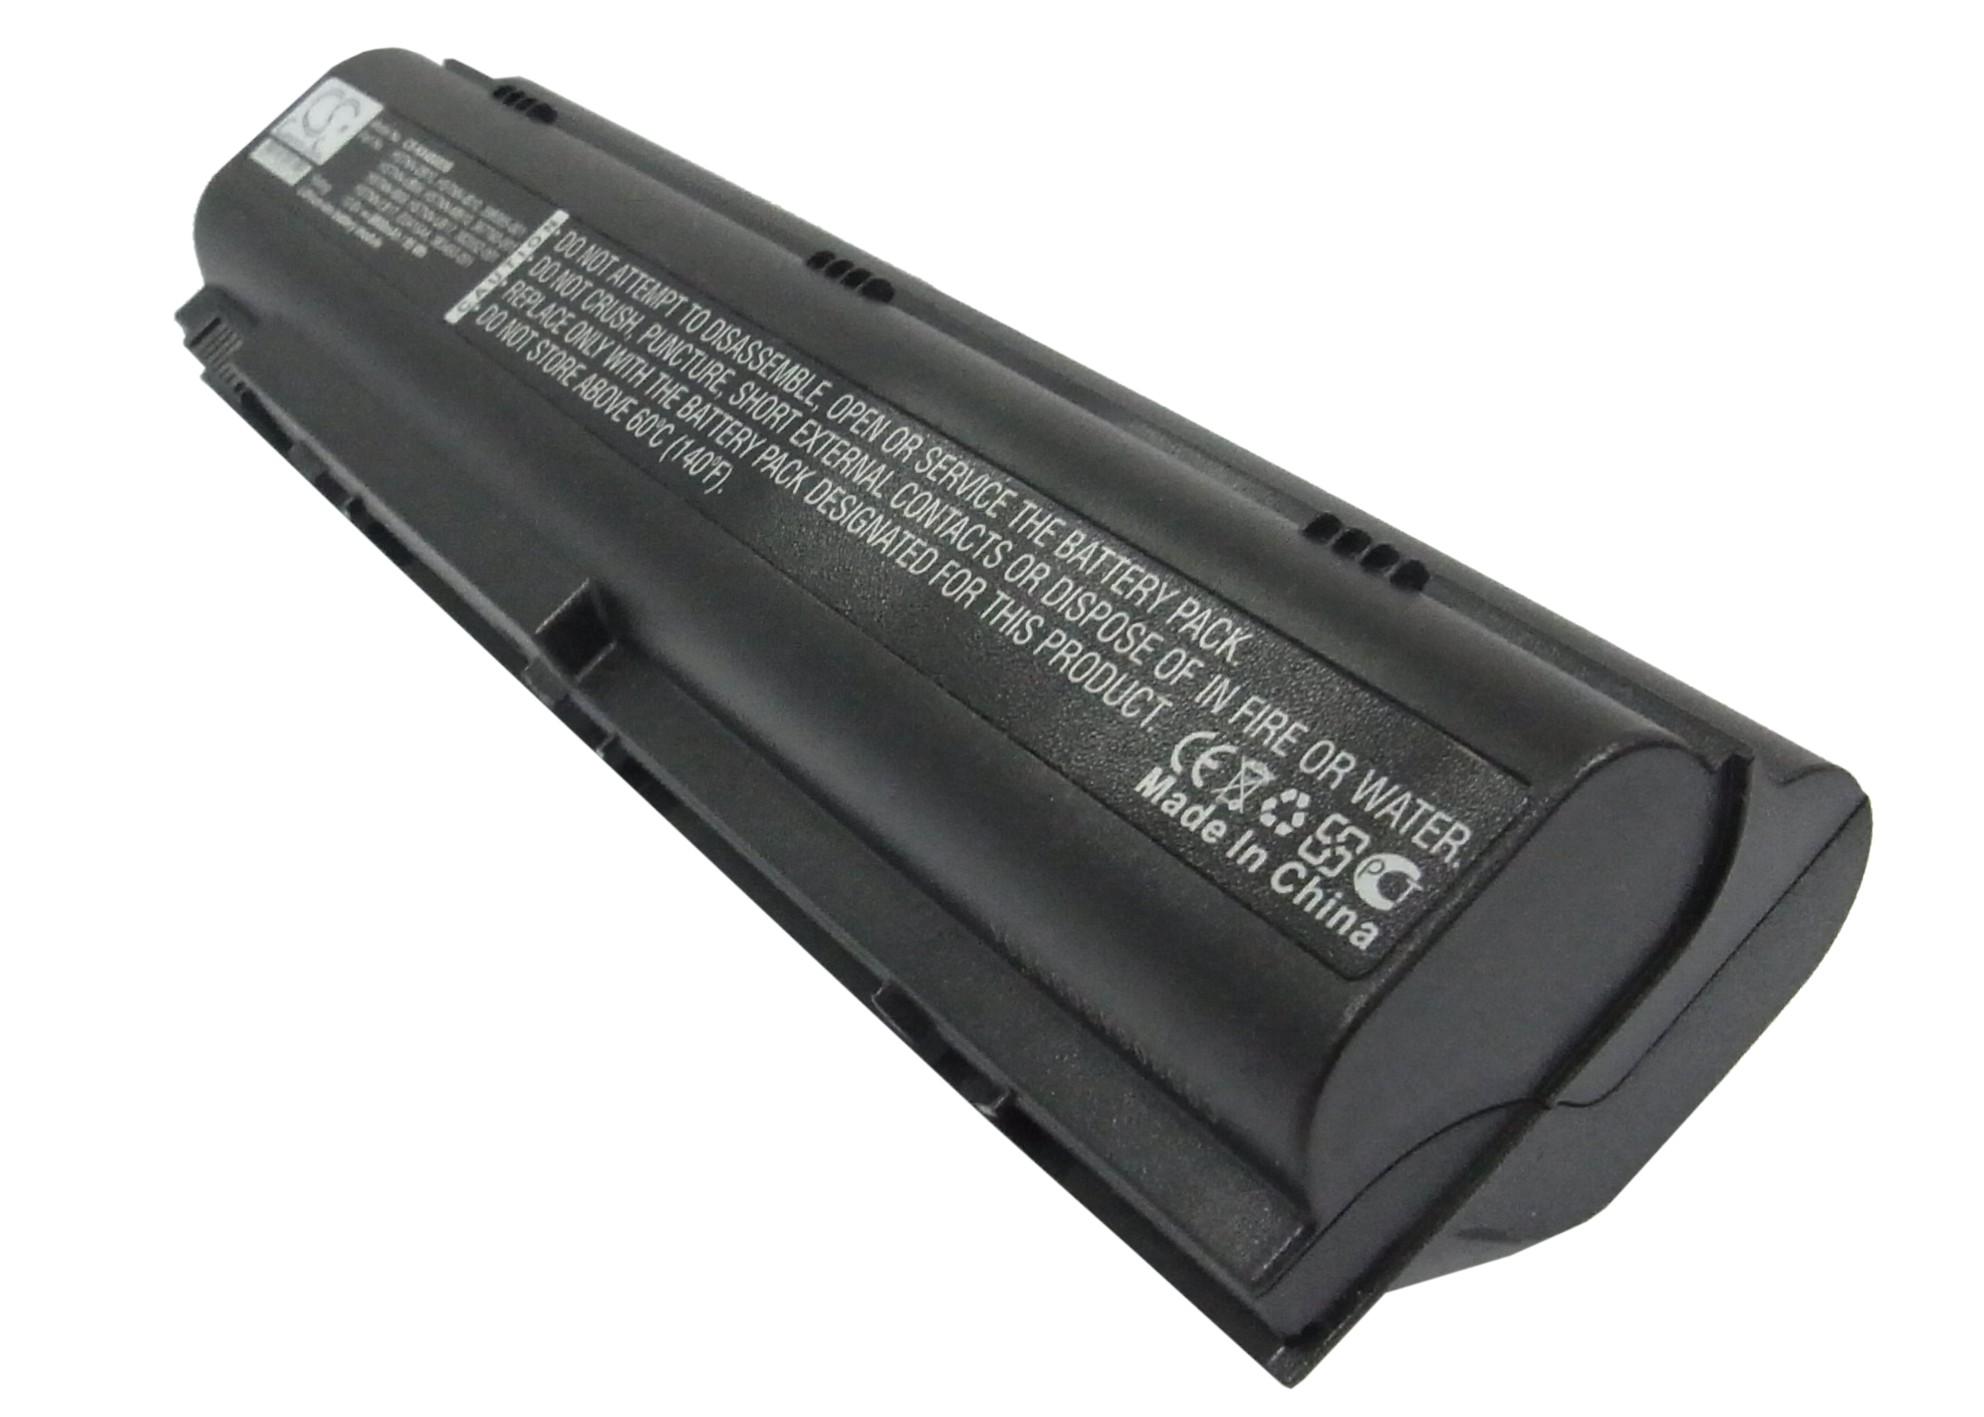 Cameron Sino baterie do notebooků pro HP Pavilion dv4000 Series 10.8V Li-ion 8800mAh černá - neoriginální